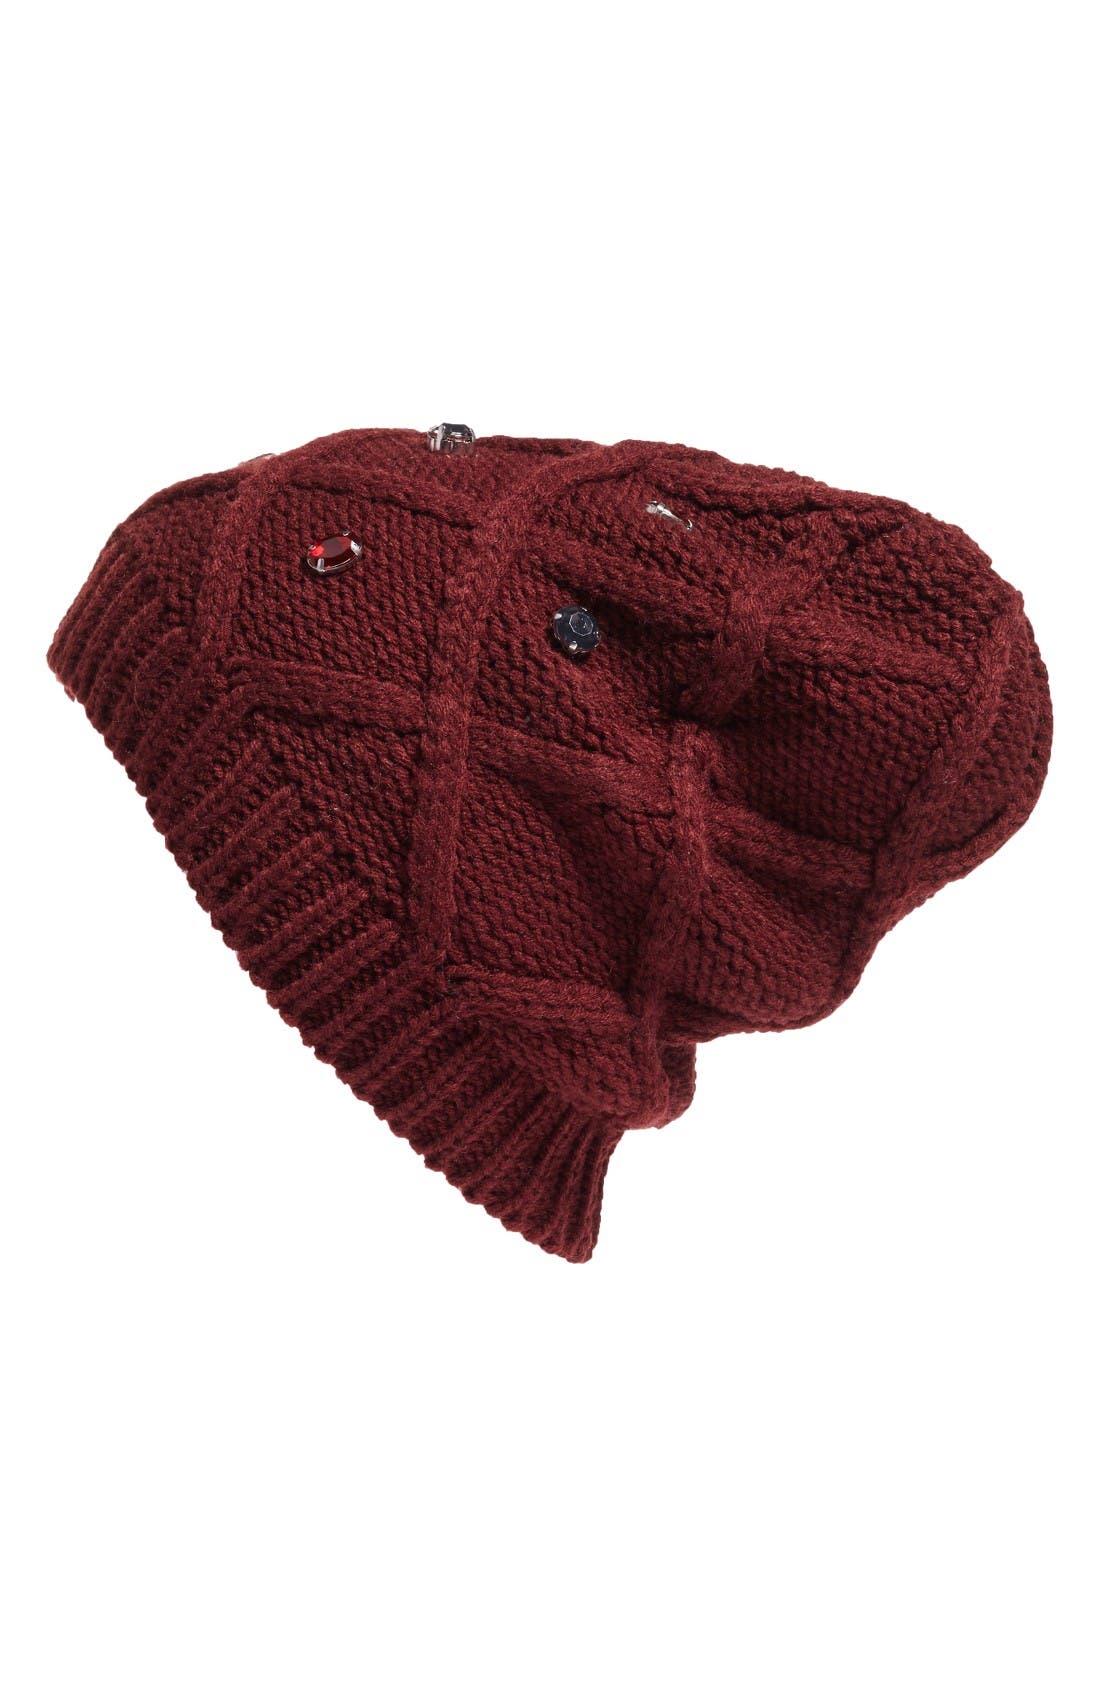 Alternate Image 1 Selected - Halogen® Embellished Knit Beanie